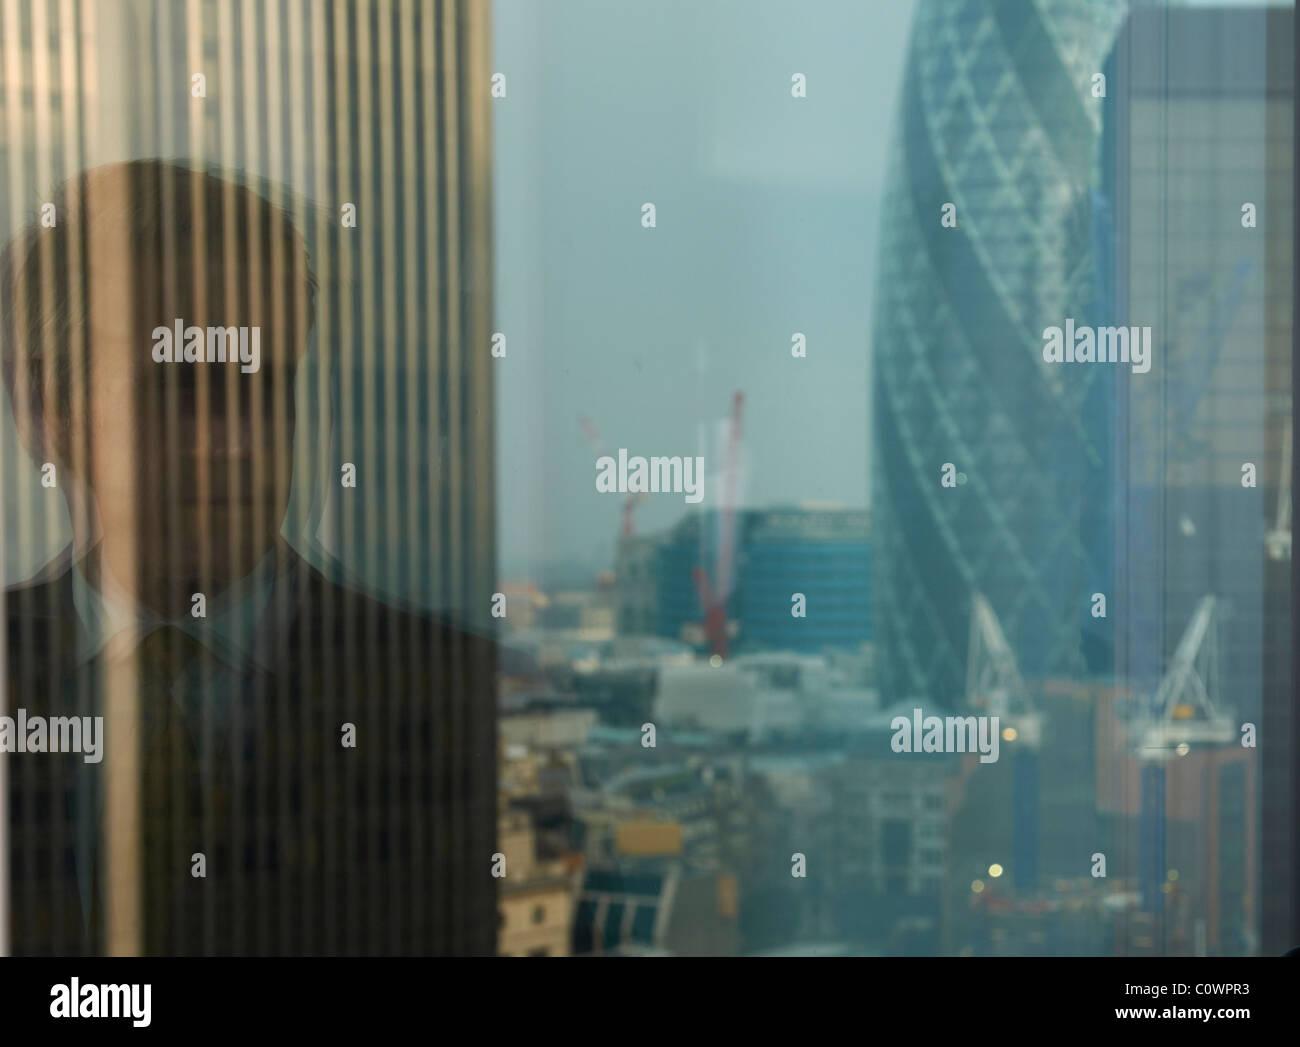 Reflexion der Geschäftsmann im Fenster mit Blick auf London Stadtzentrum im Hintergrund Stockbild